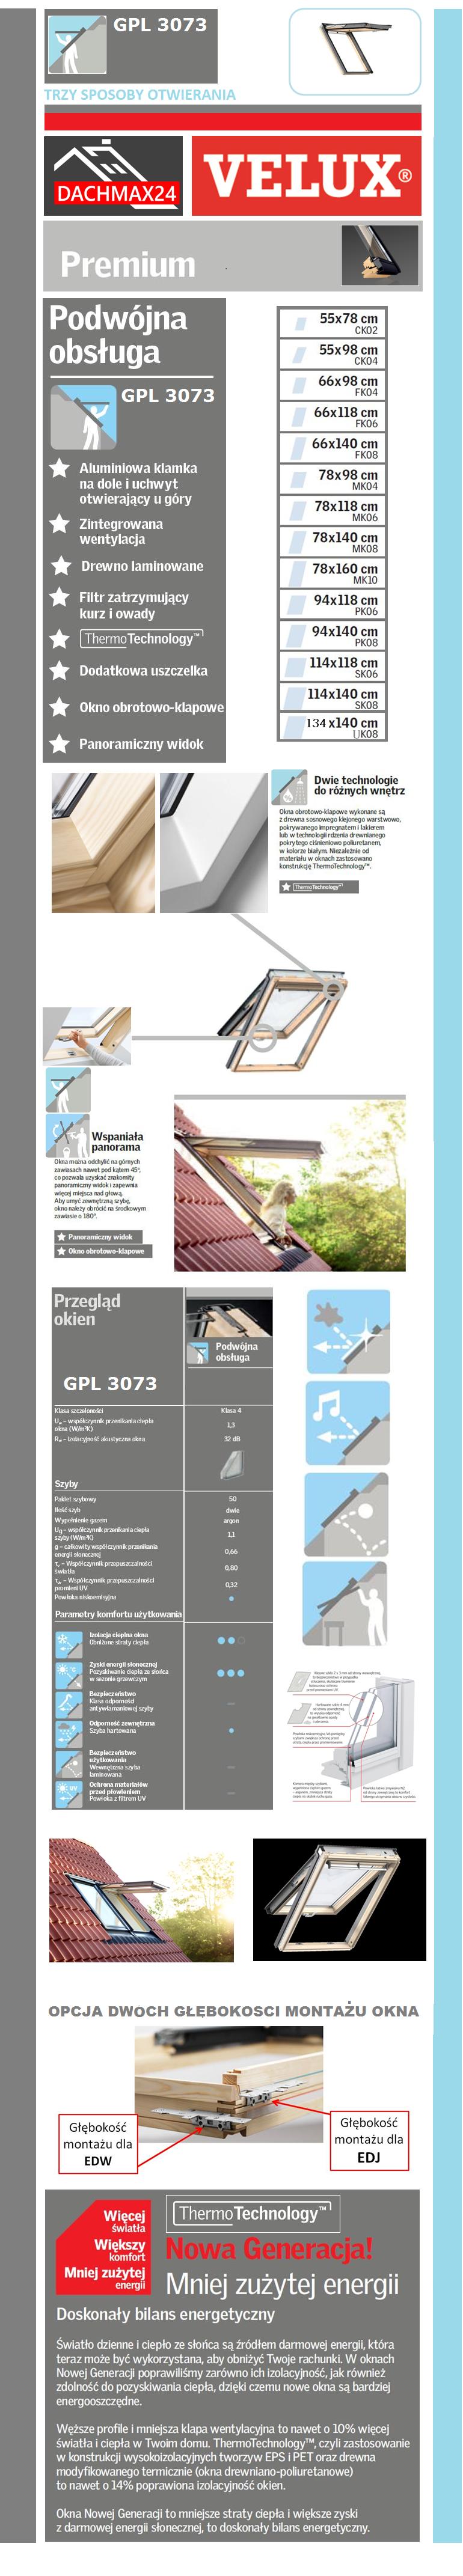 Okno Dachowe Velux GPL 3073 drewniane klapowo-obrotowe z SZYBĄ BEZPIECZNĄ KLEJONĄ THERMOTECHNOLOGY